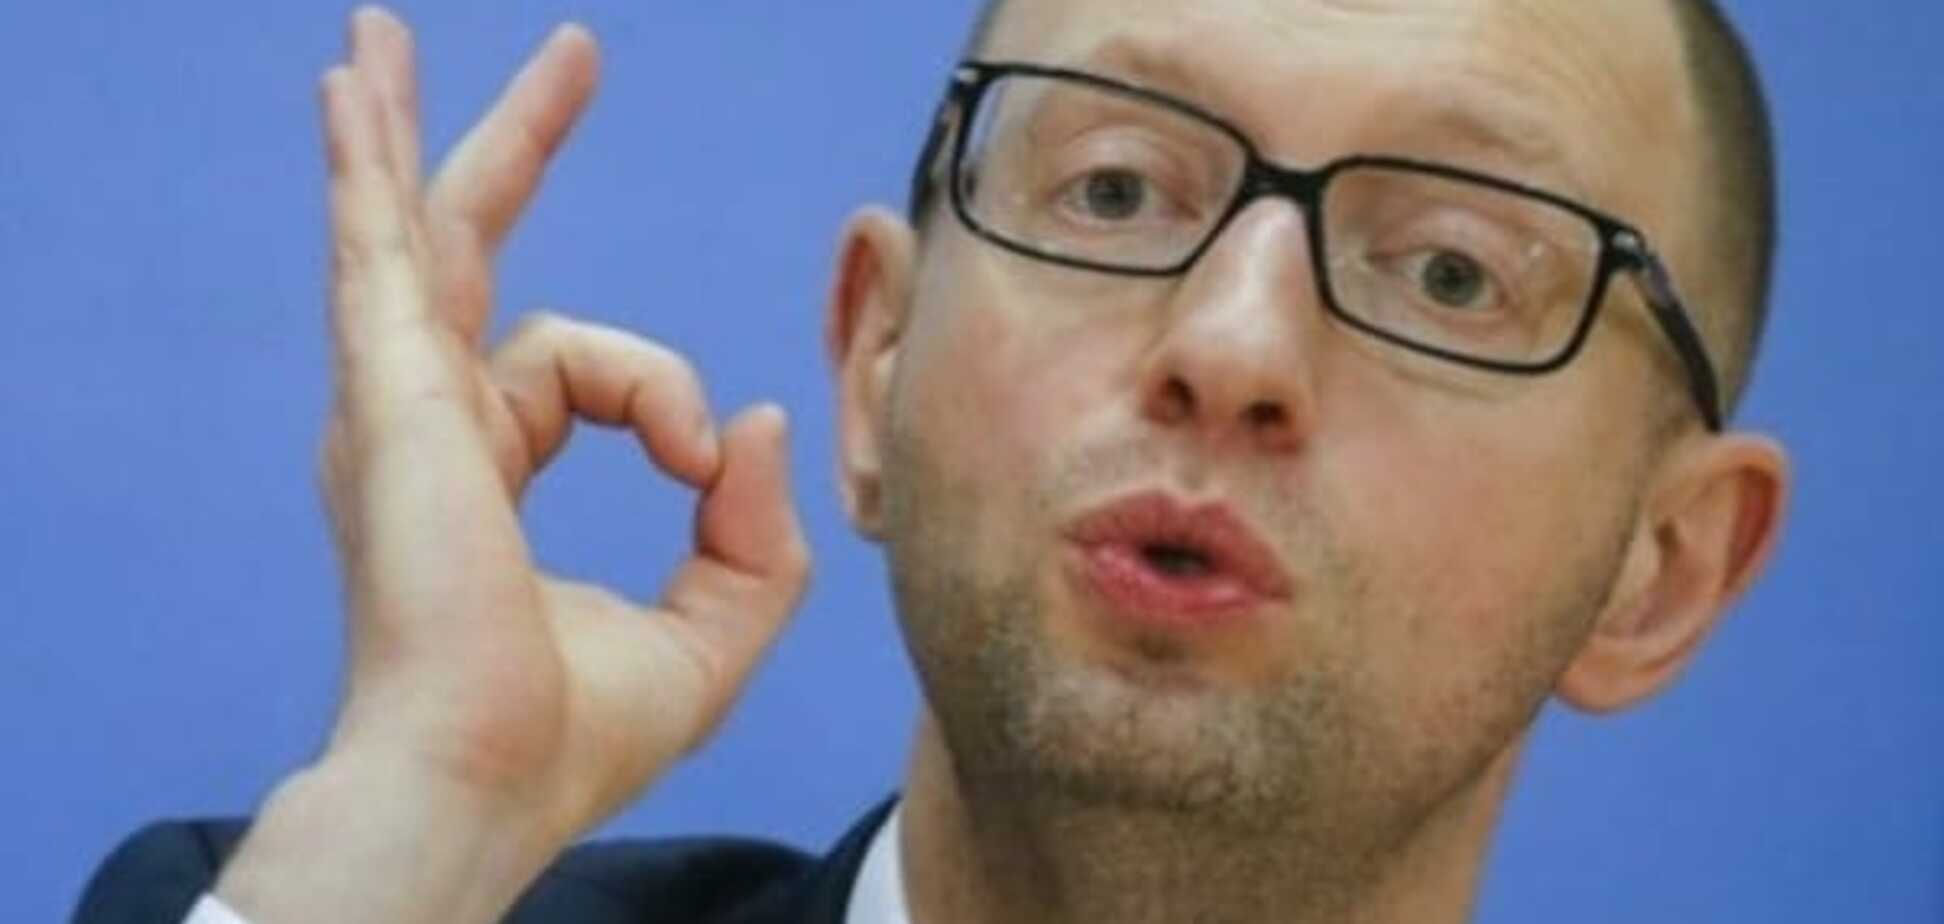 'Кулявлоб' срикошетила: в сети высмеяли Яценюка, который пытался критиковать Трампа